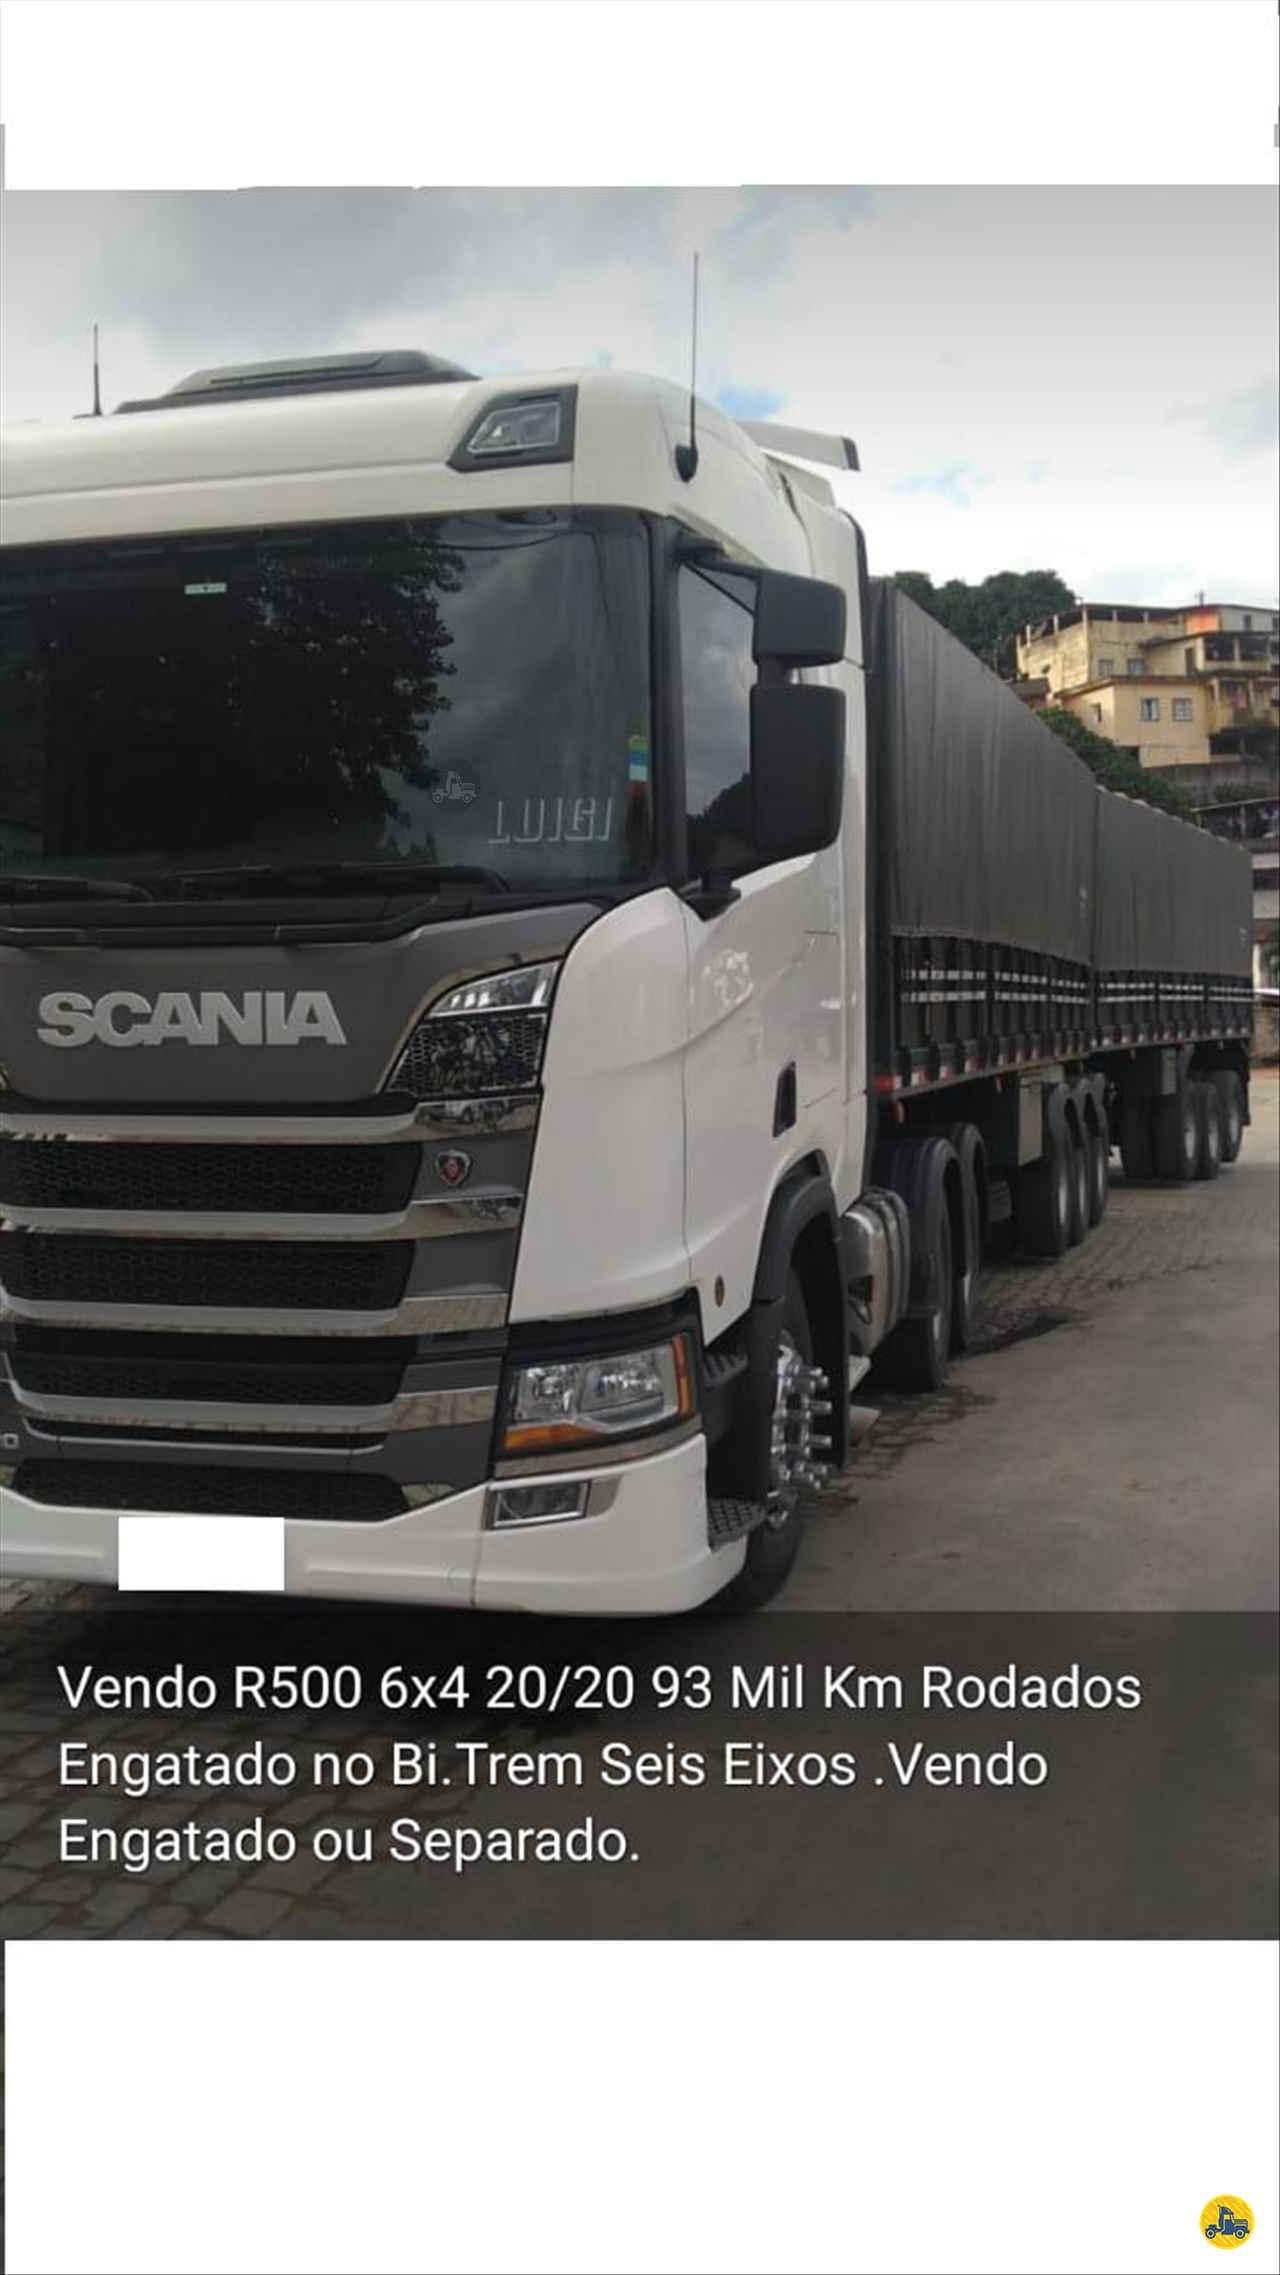 CAMINHAO SCANIA SCANIA 500 Cavalo Mecânico Traçado 6x4 Barbosa Caminhões LINS SÃO PAULO SP